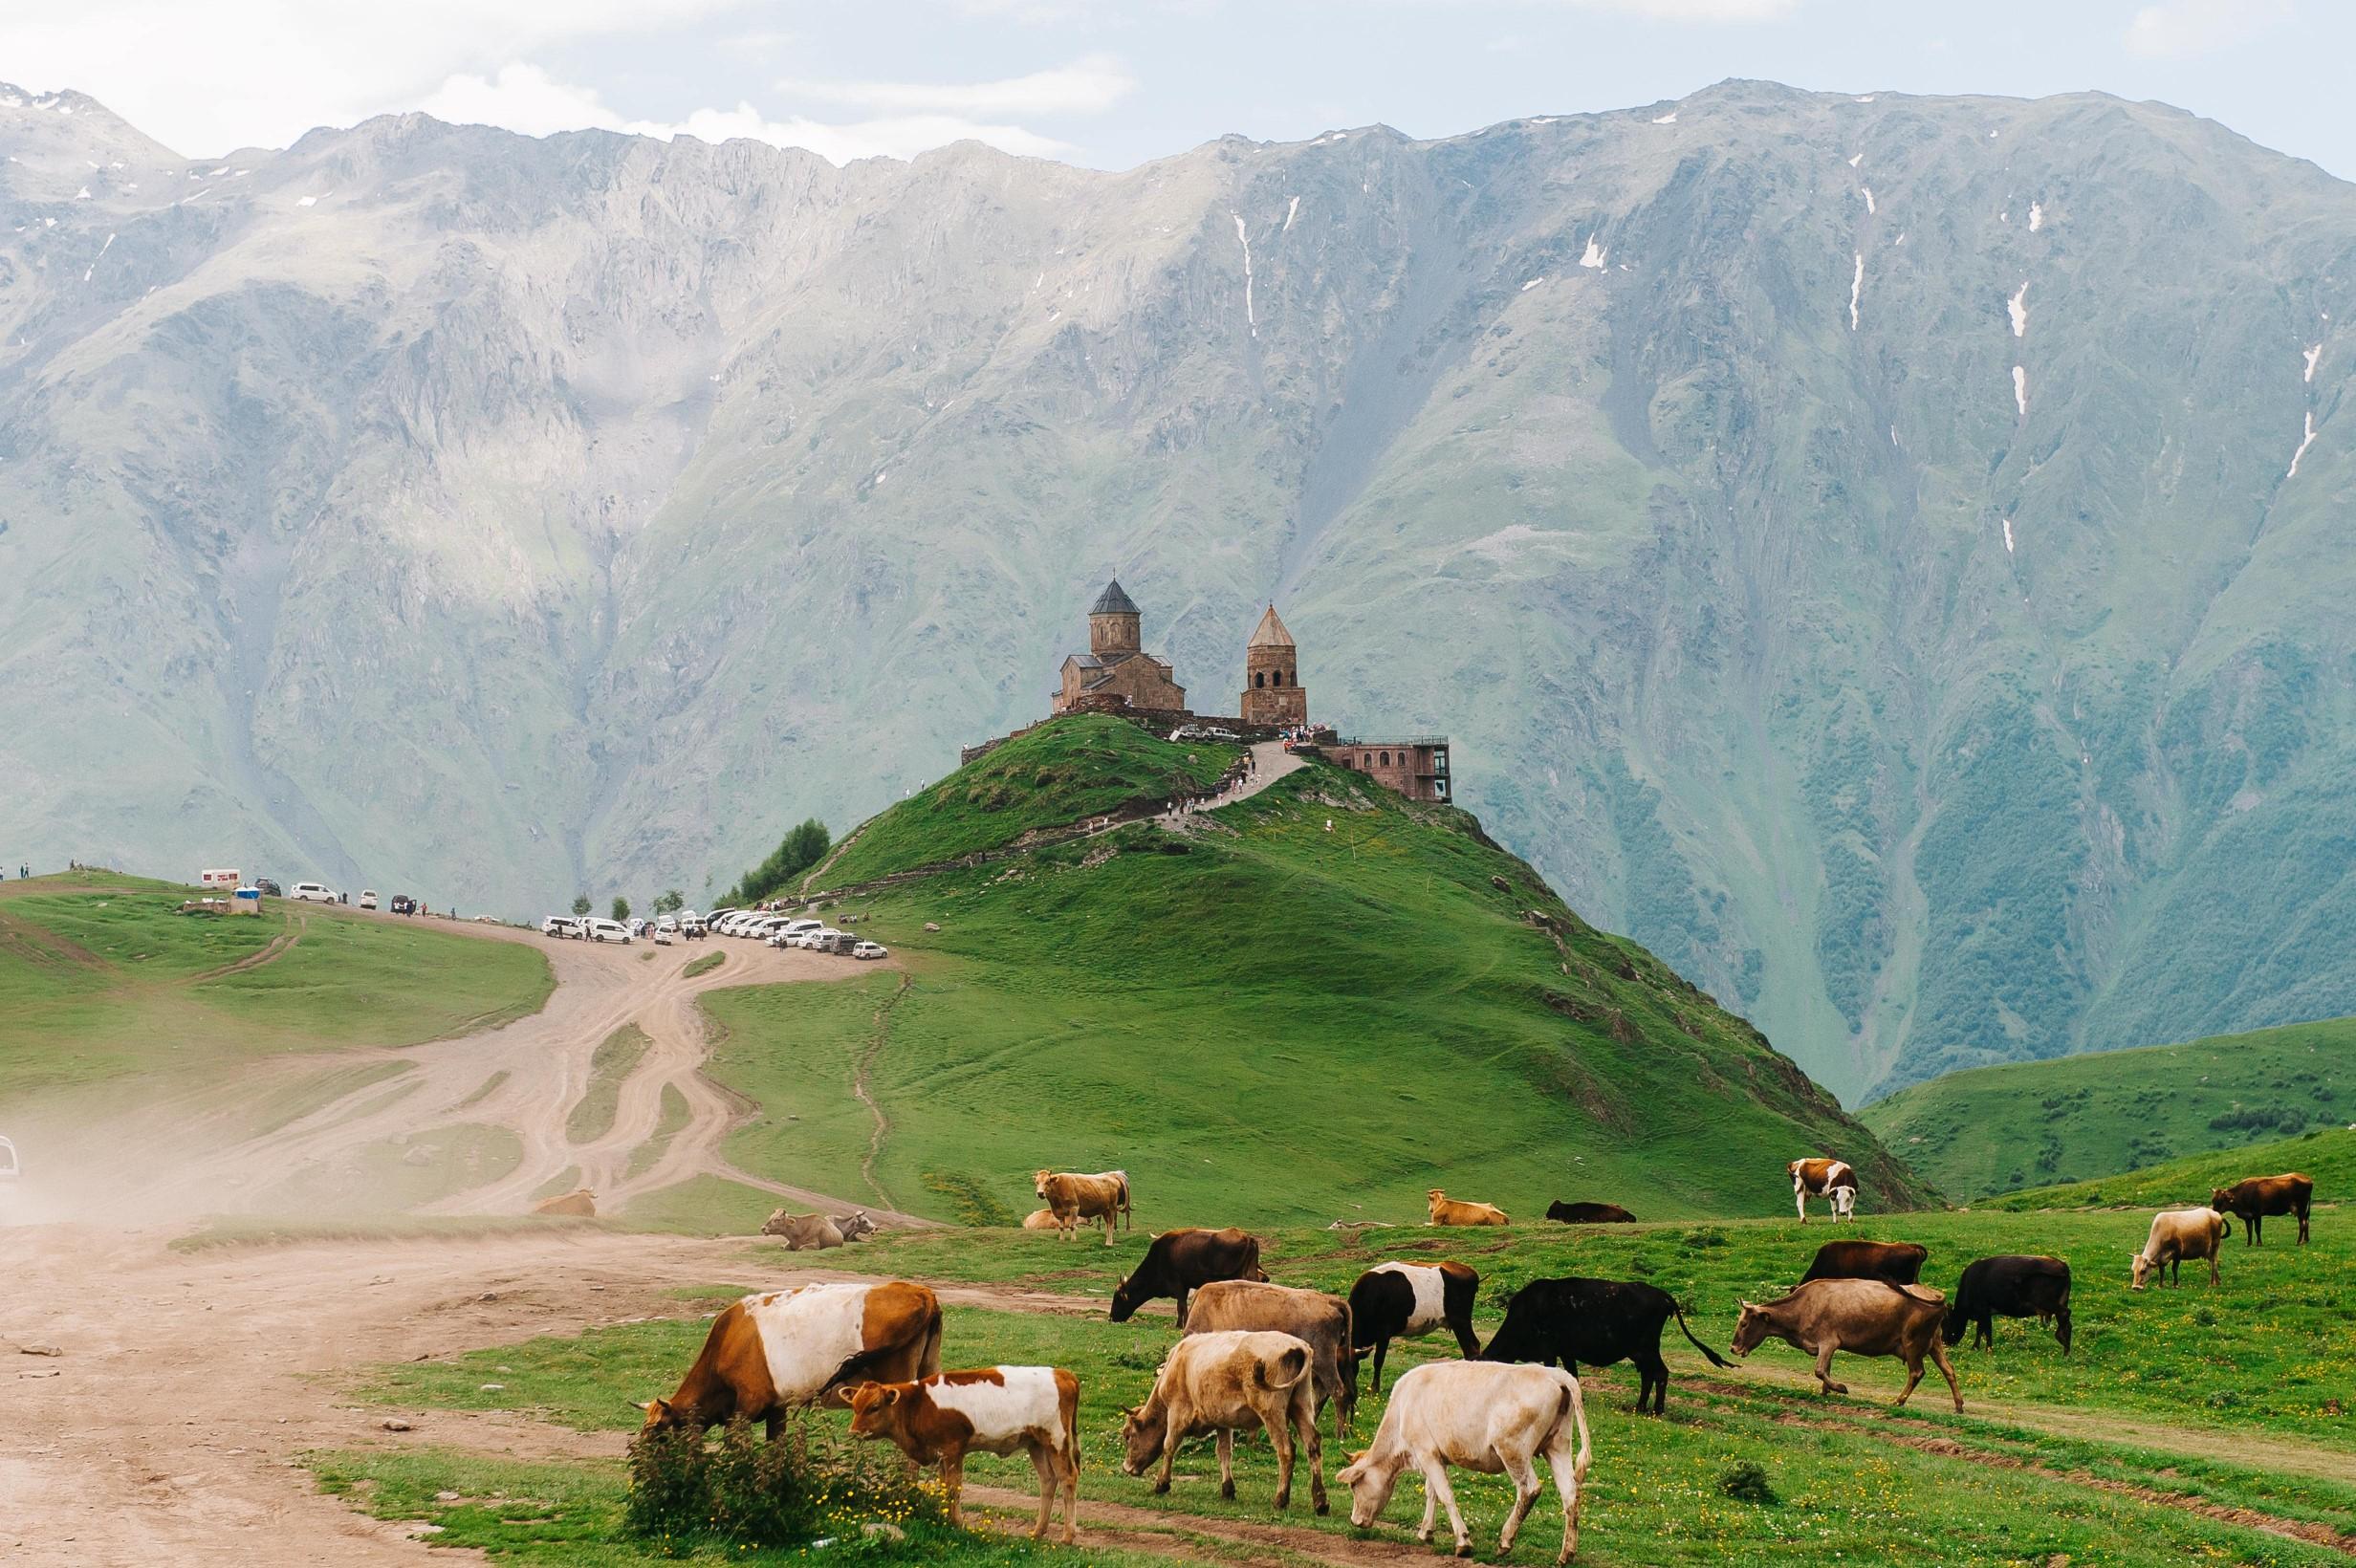 un paysage rural d'Asie centrale avec un troupeau et un monastère au milieu d'une steppe désertique